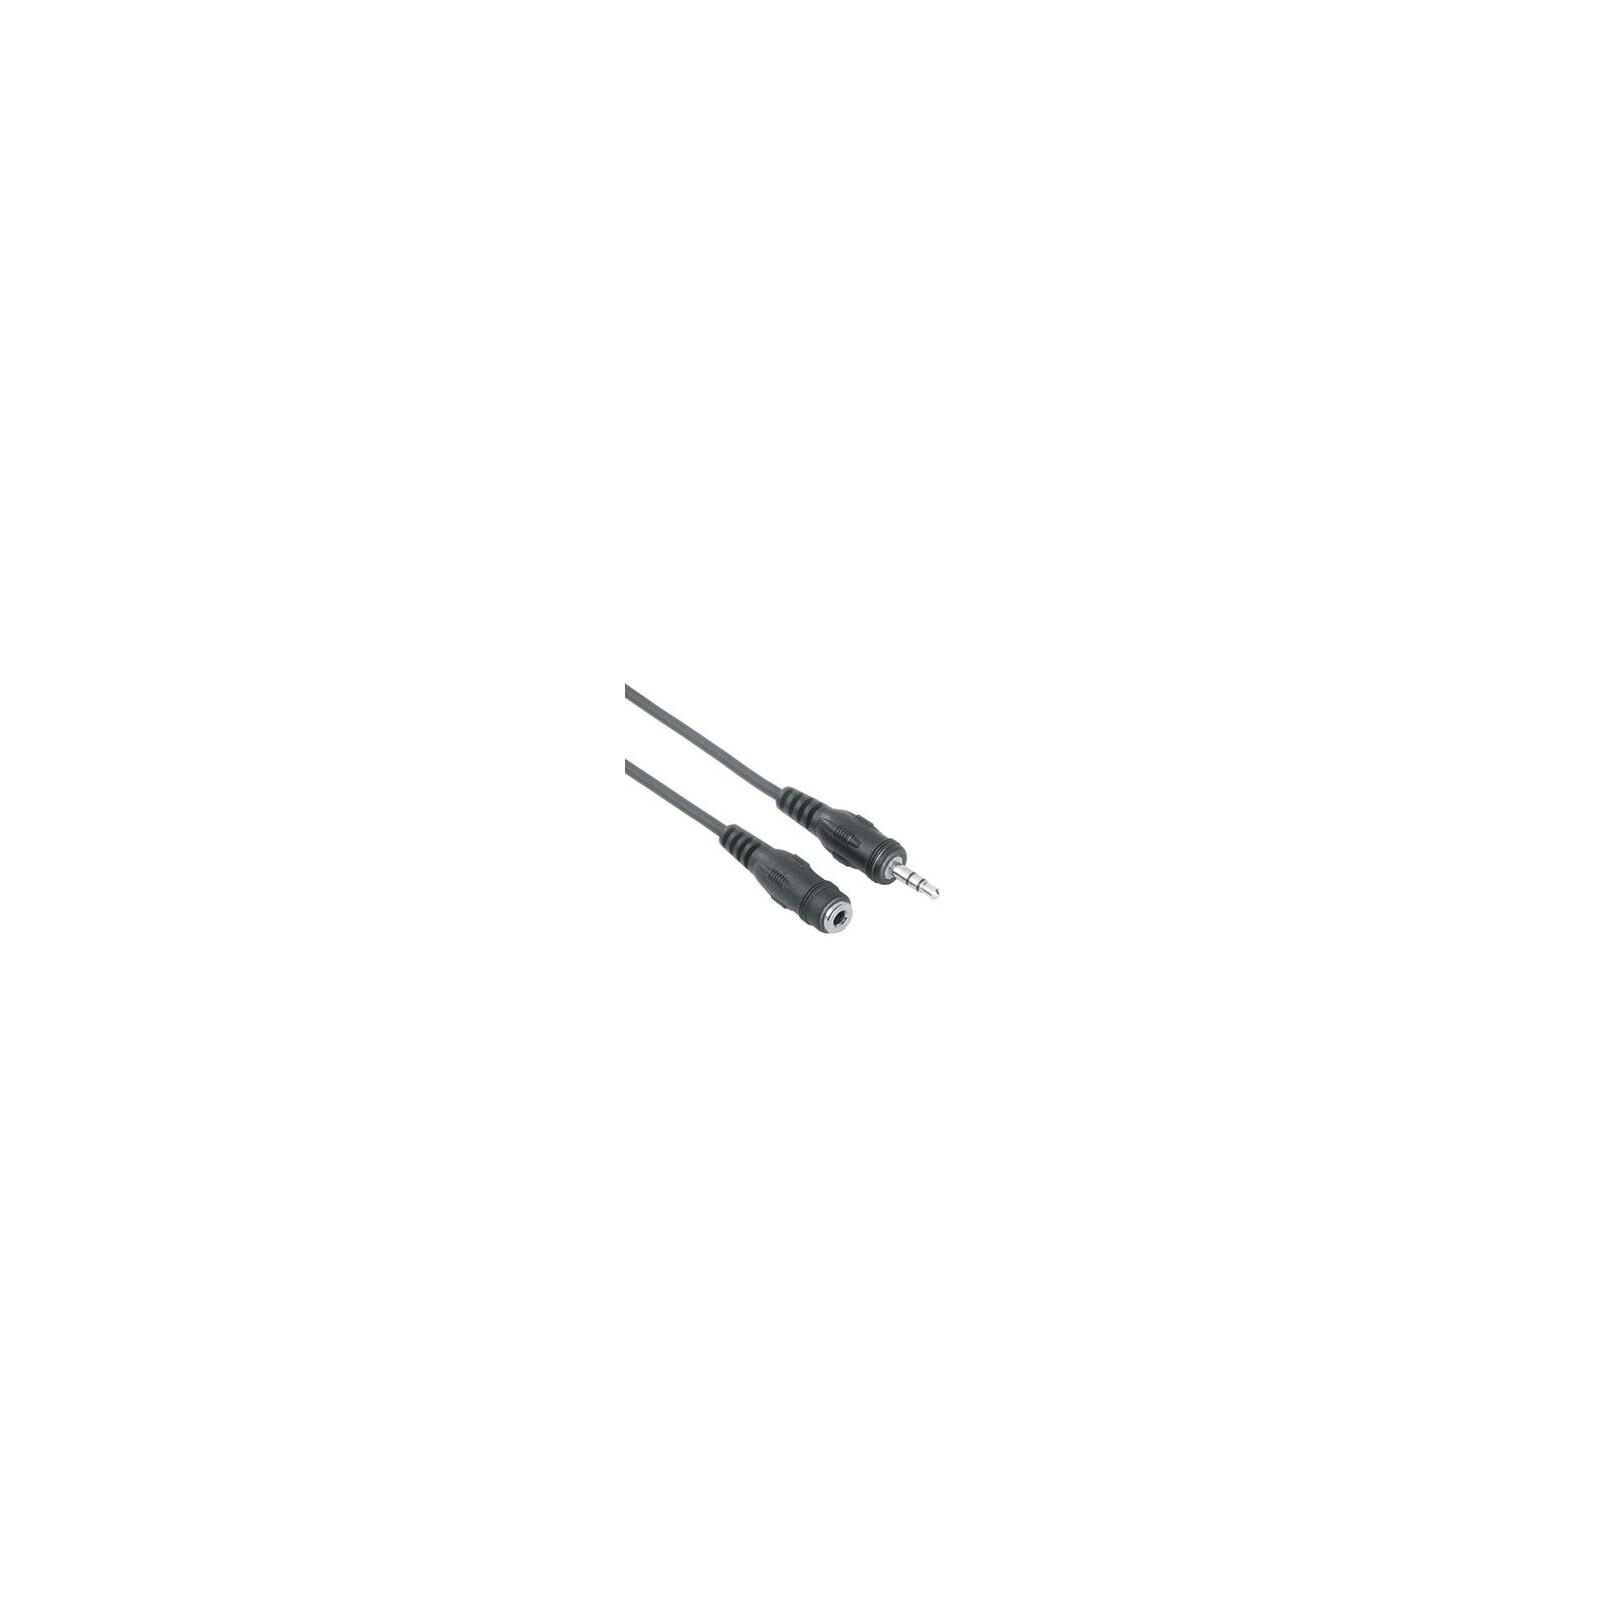 Hama 48910 3,5-mm-Klinken-Verlängerungskabel, Stecker - Kupp